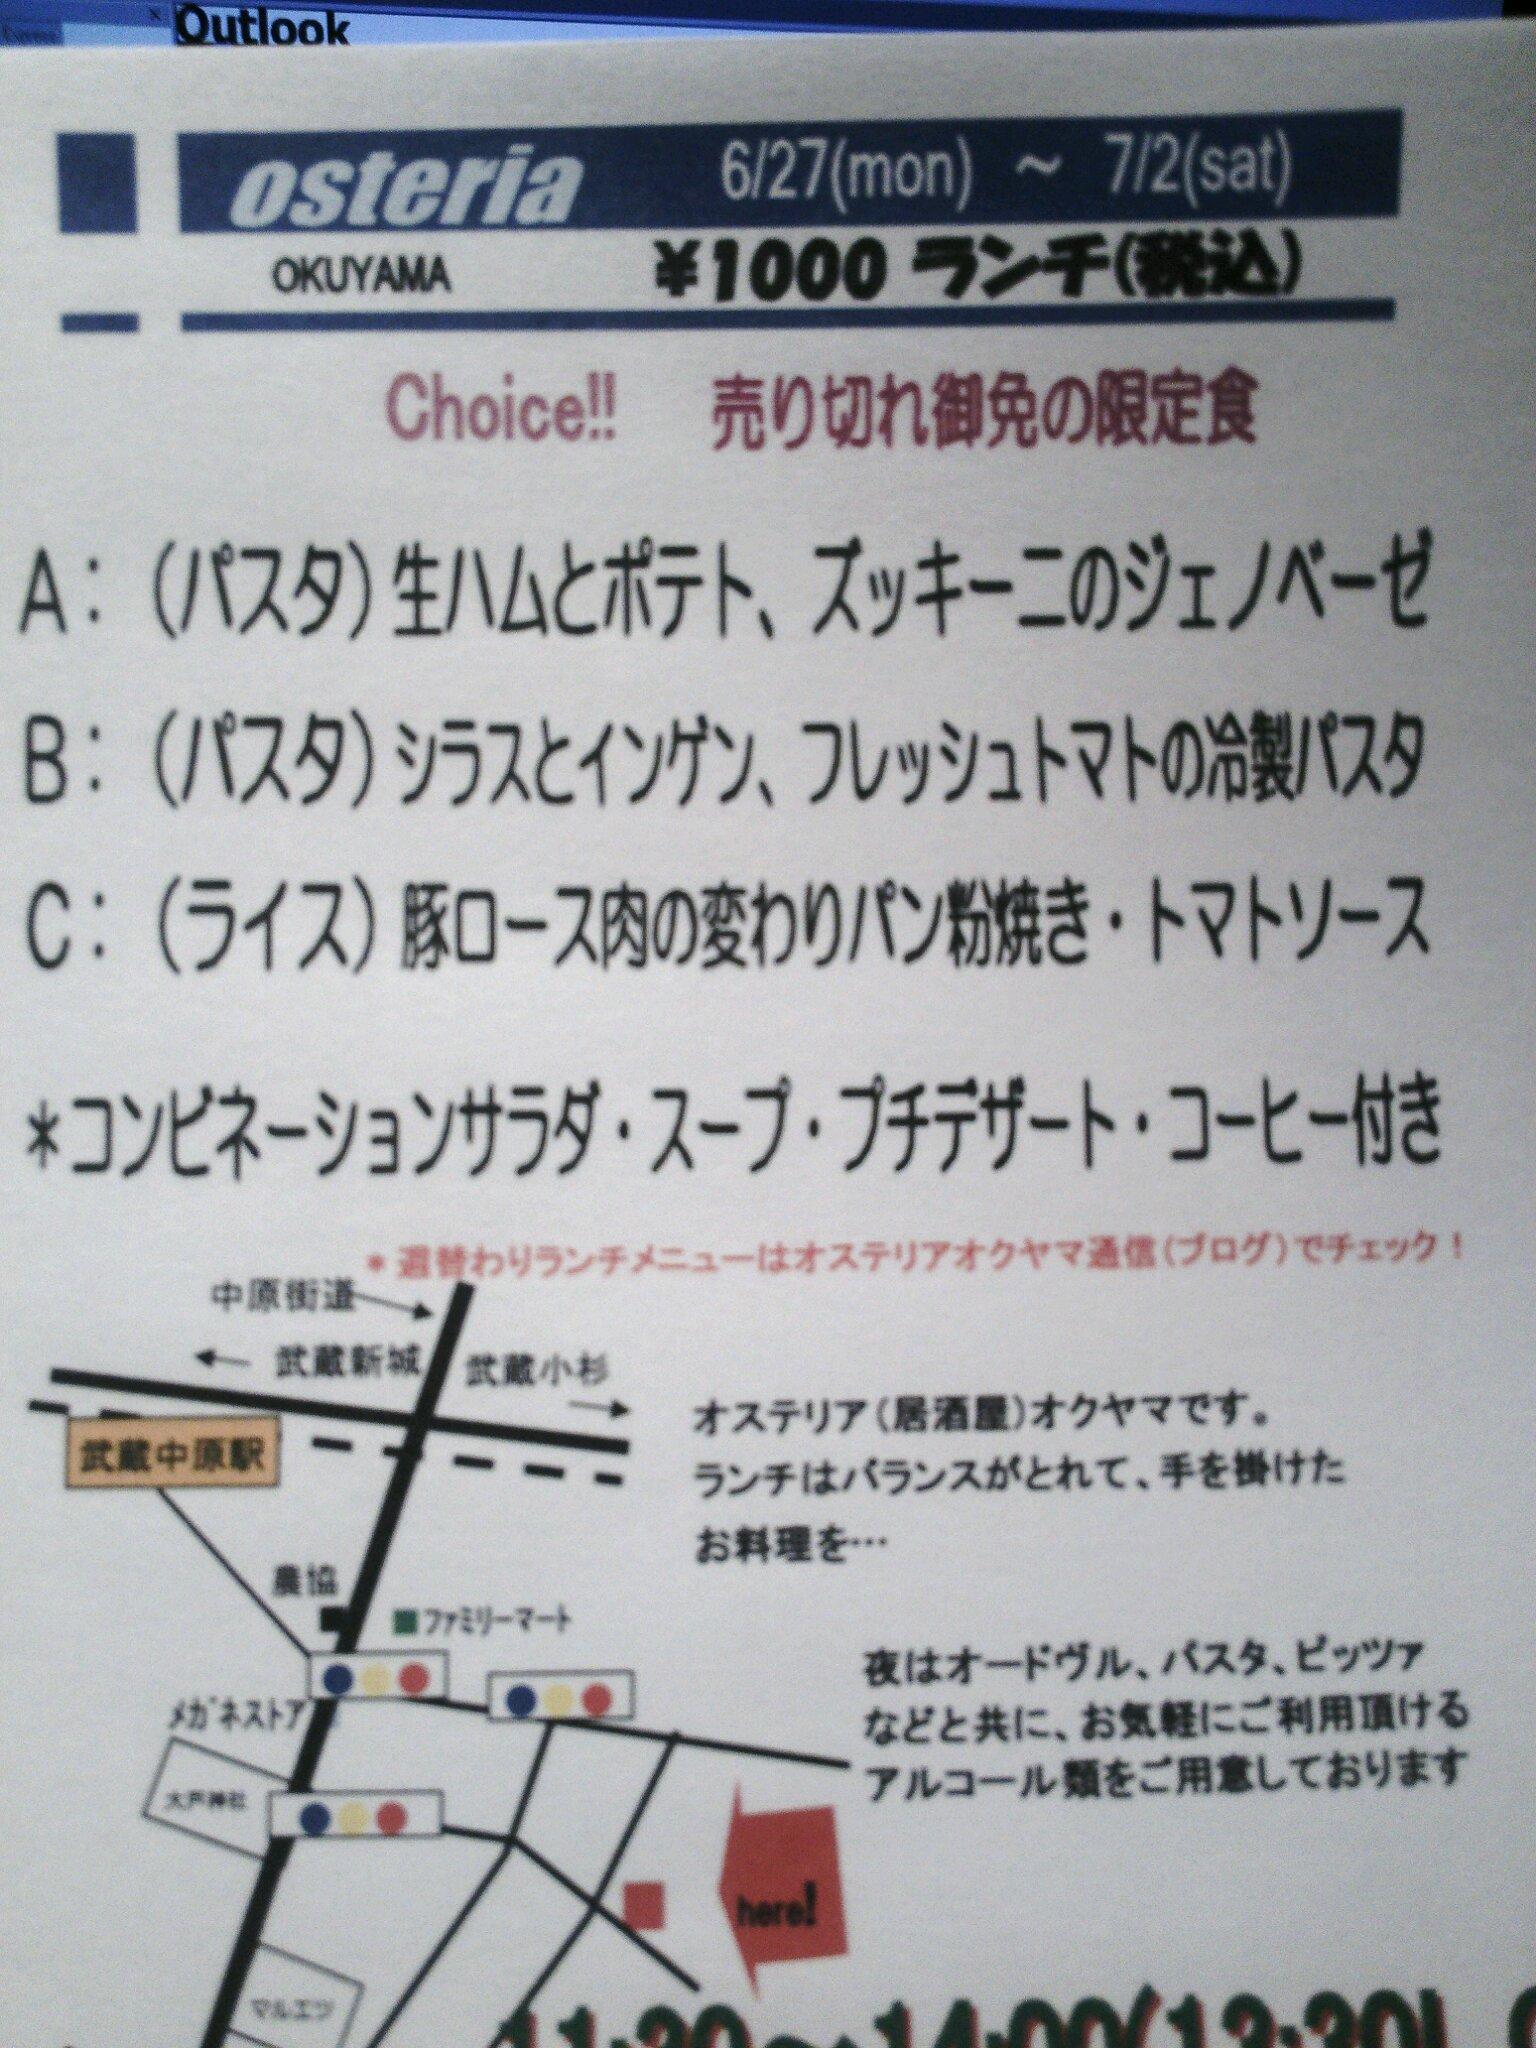 6/27(月)〜7/2(土)ランチ